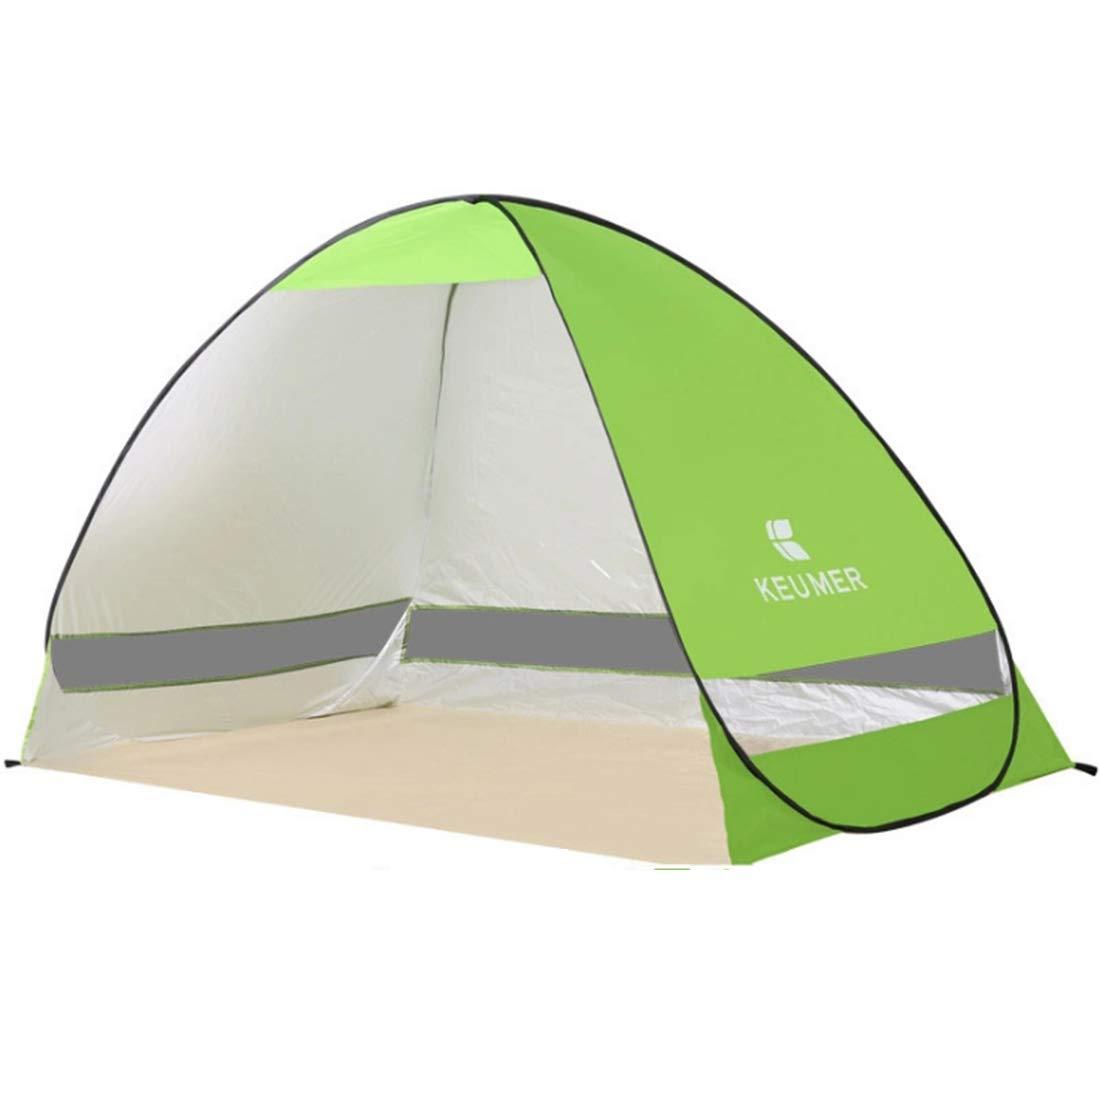 JESSIEKERVIN YY3 Zelt mit 2 Personen für Campingzelt im Freien